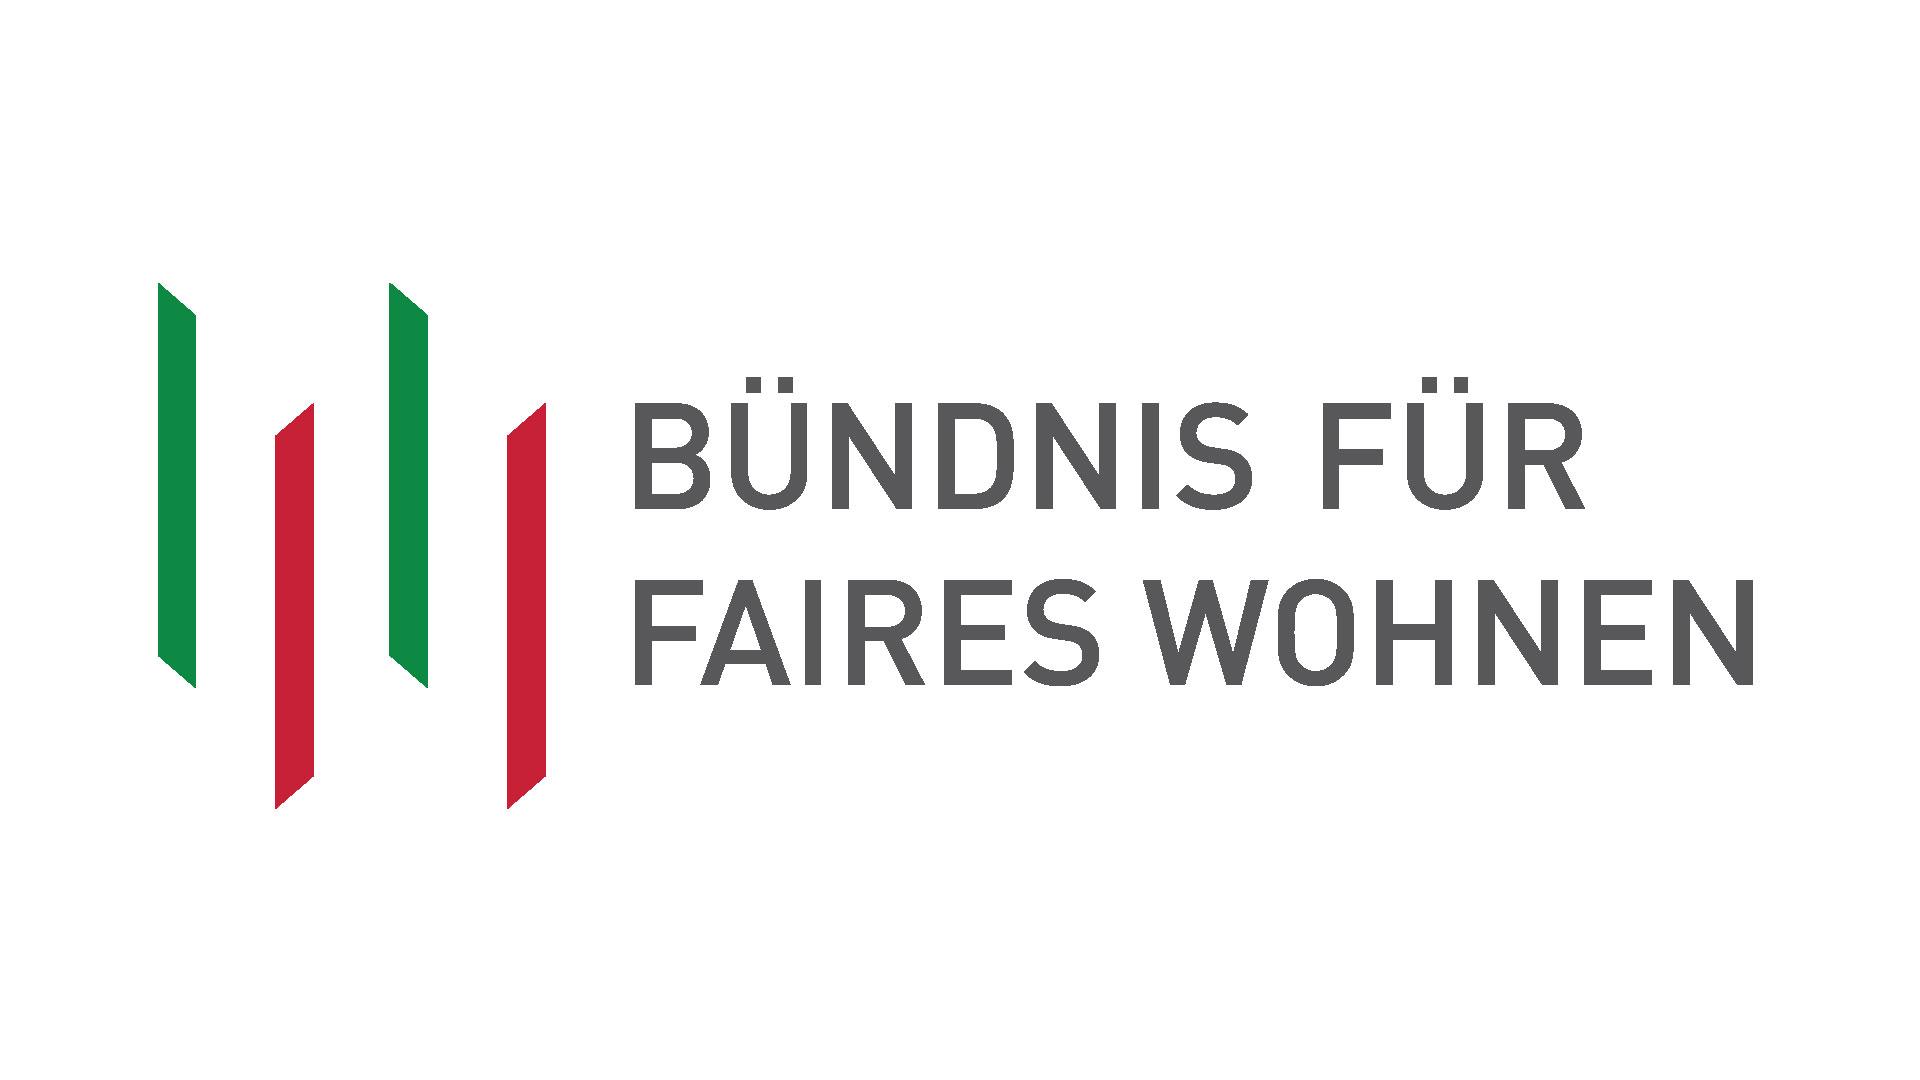 BÜNDNIS FÜR FAIRES WOHNEN